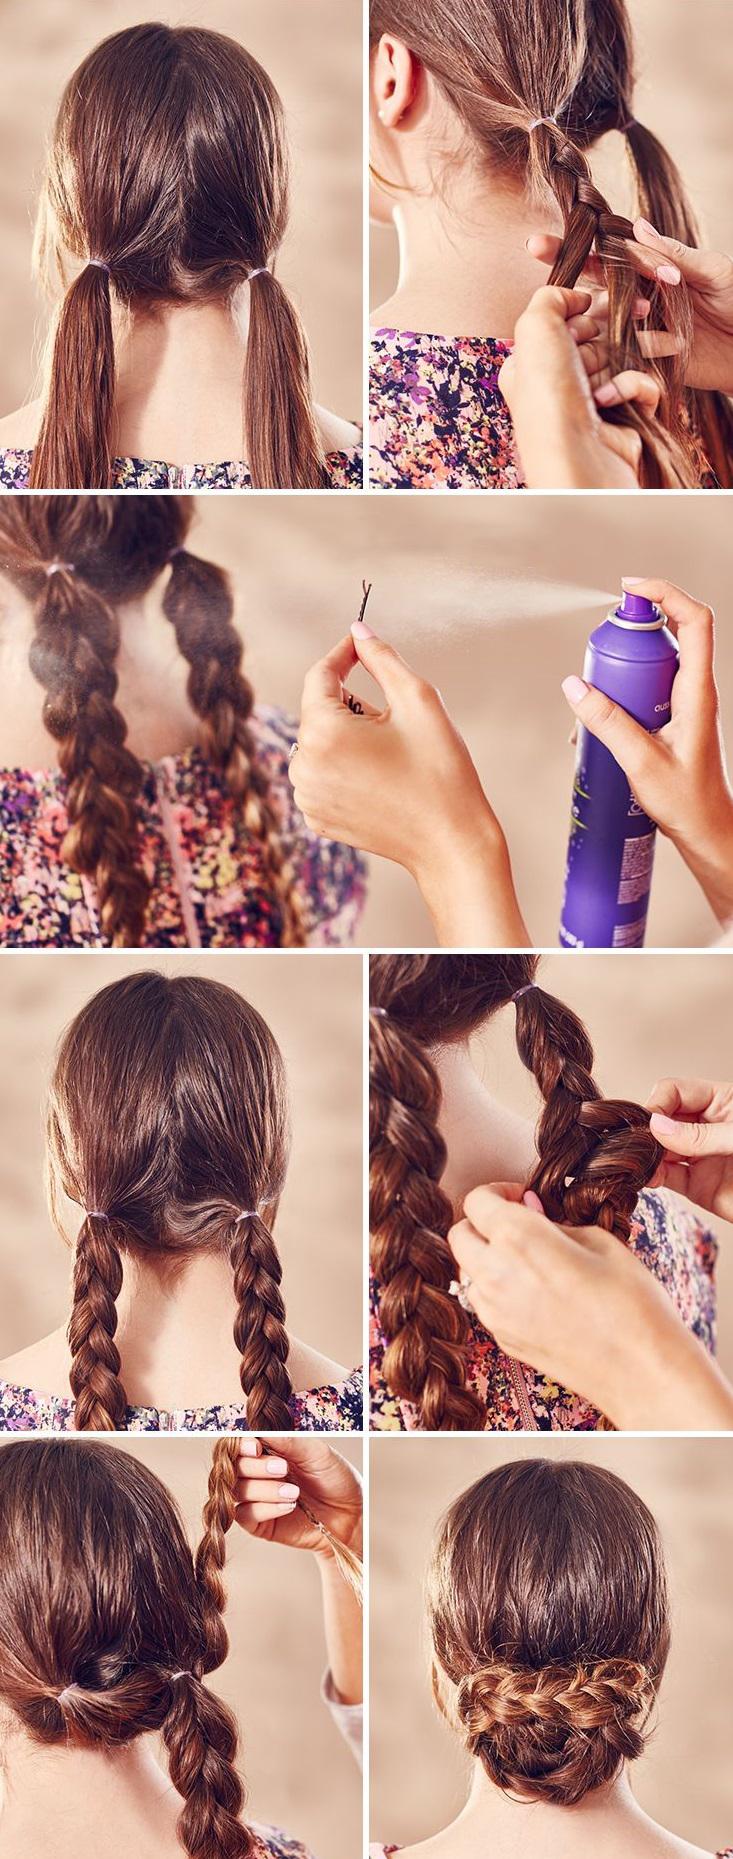 Как заплести волосы своими руками